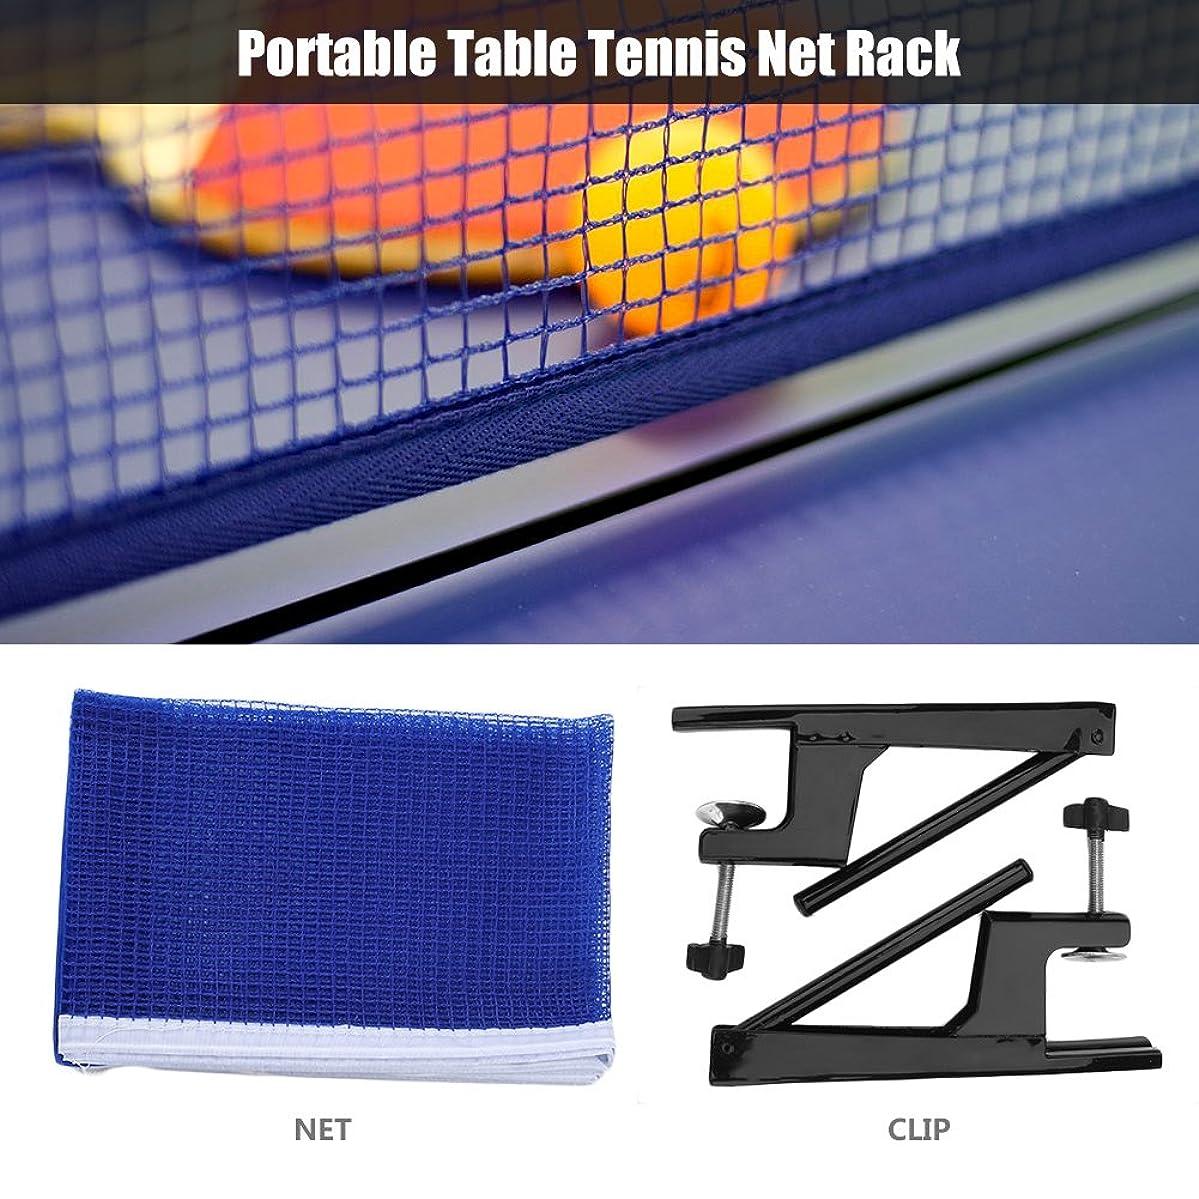 スーツケースサーカスかどうか卓球ネット ピンポンネット 卓球用品 携帯用 持ち運び 自宅 旅行 屋内屋外兼用